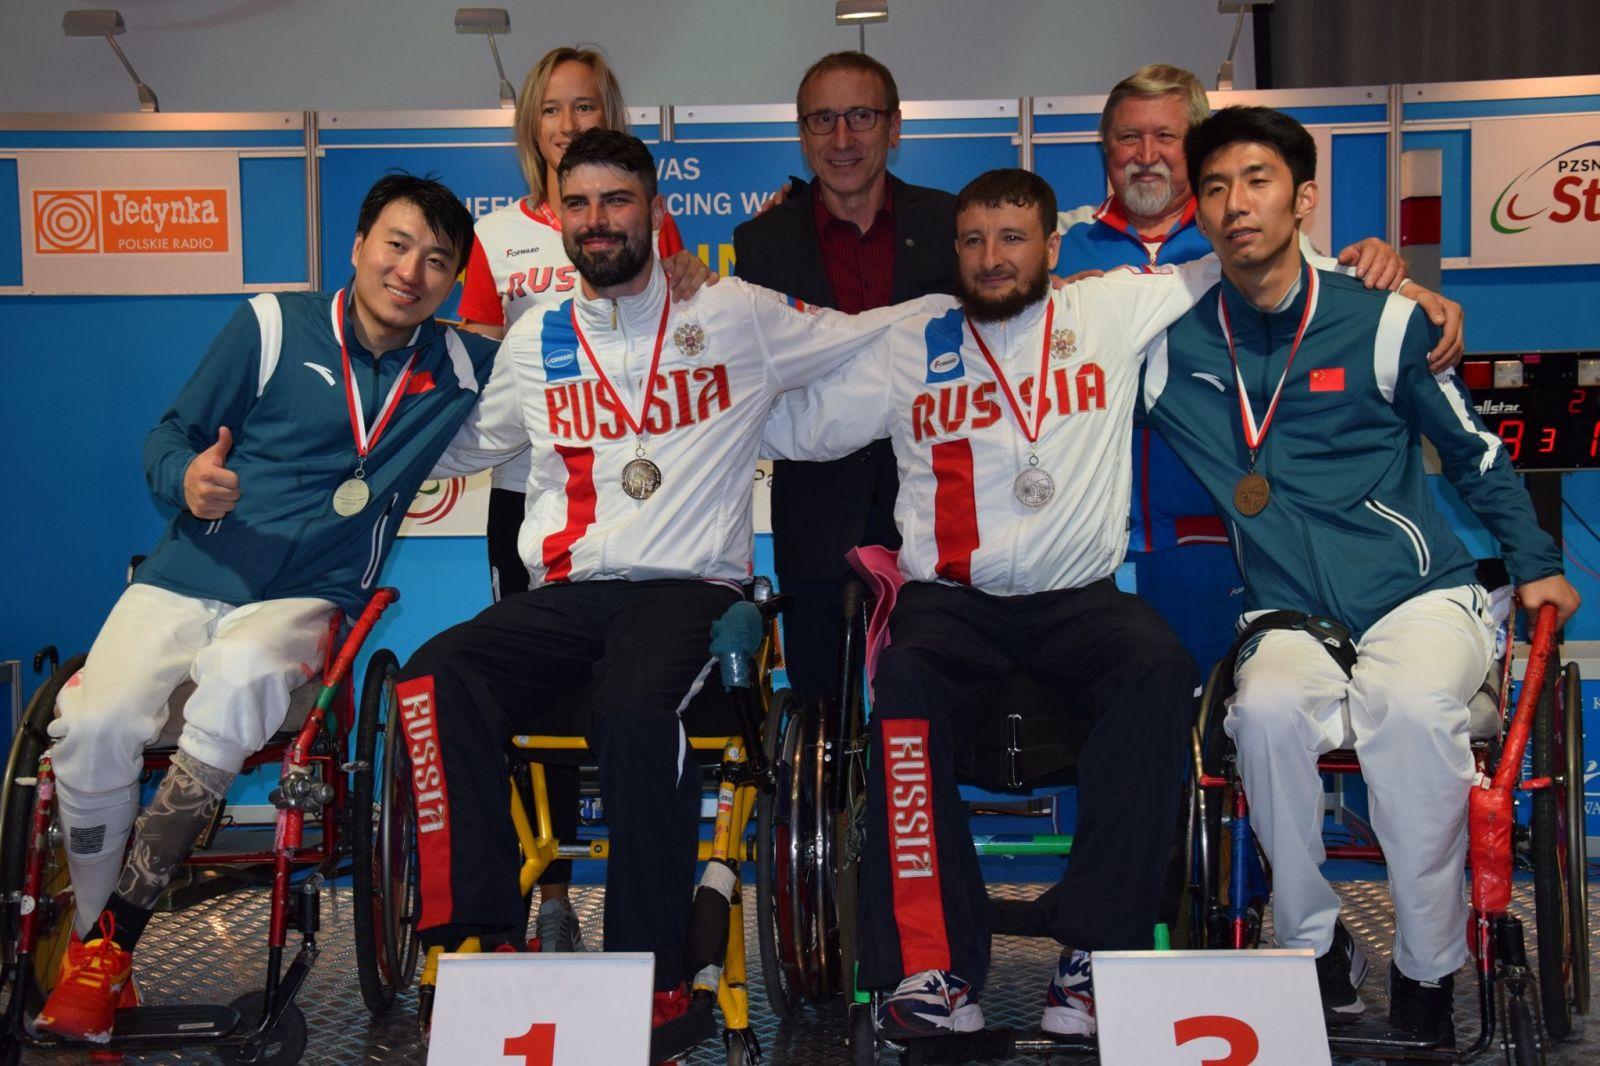 Сборная команда России по фехтованию на колясках заняла 2 общекомандное место на Кубке мира в Польше